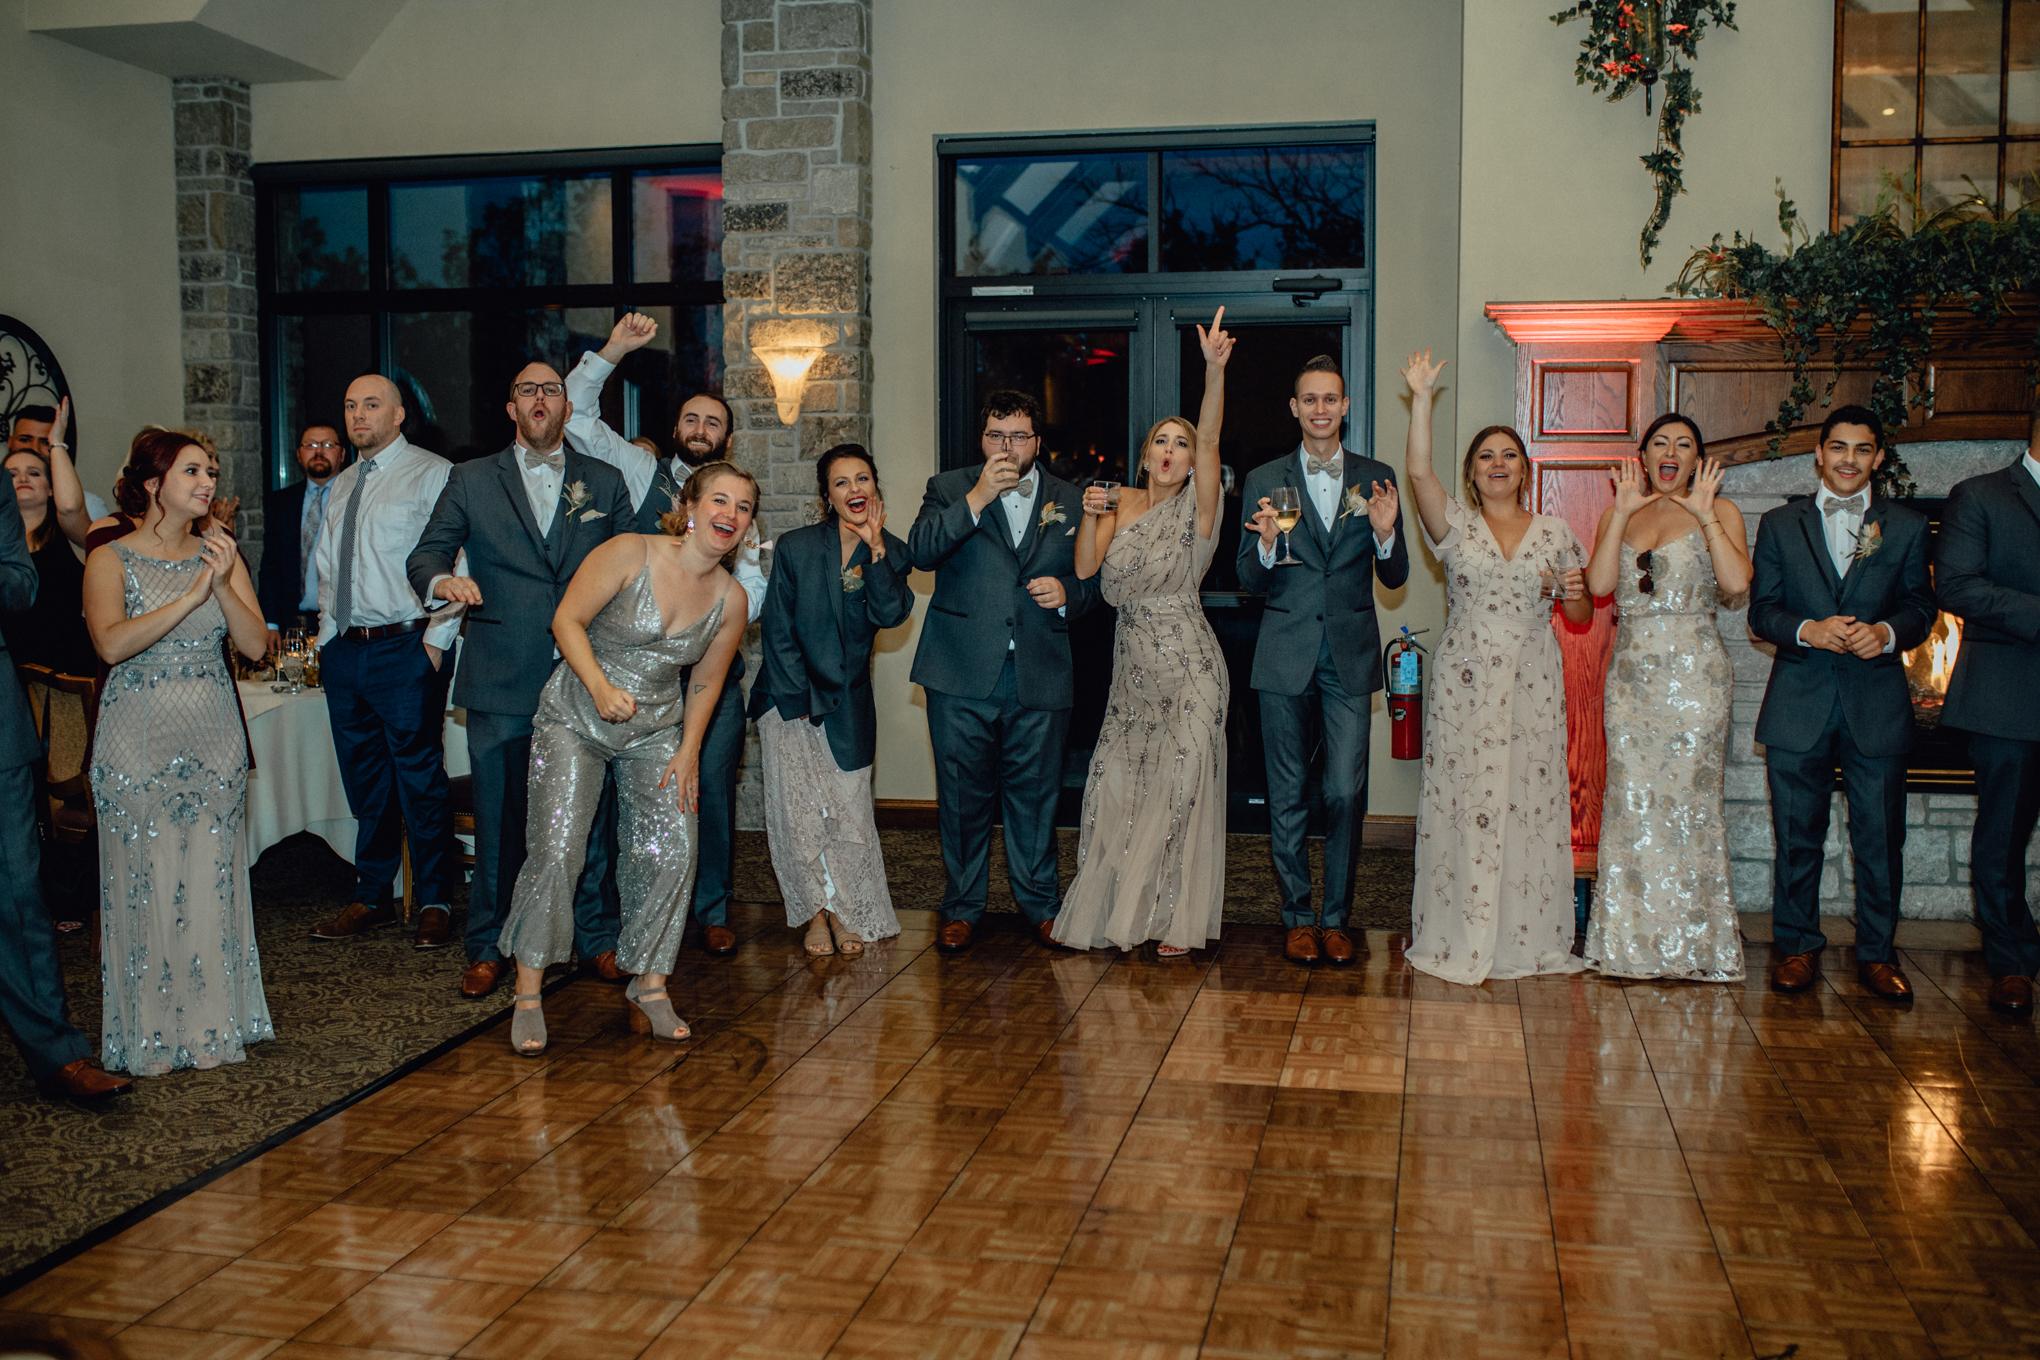 bride-and-groom-entering-wedding-reception.jpg